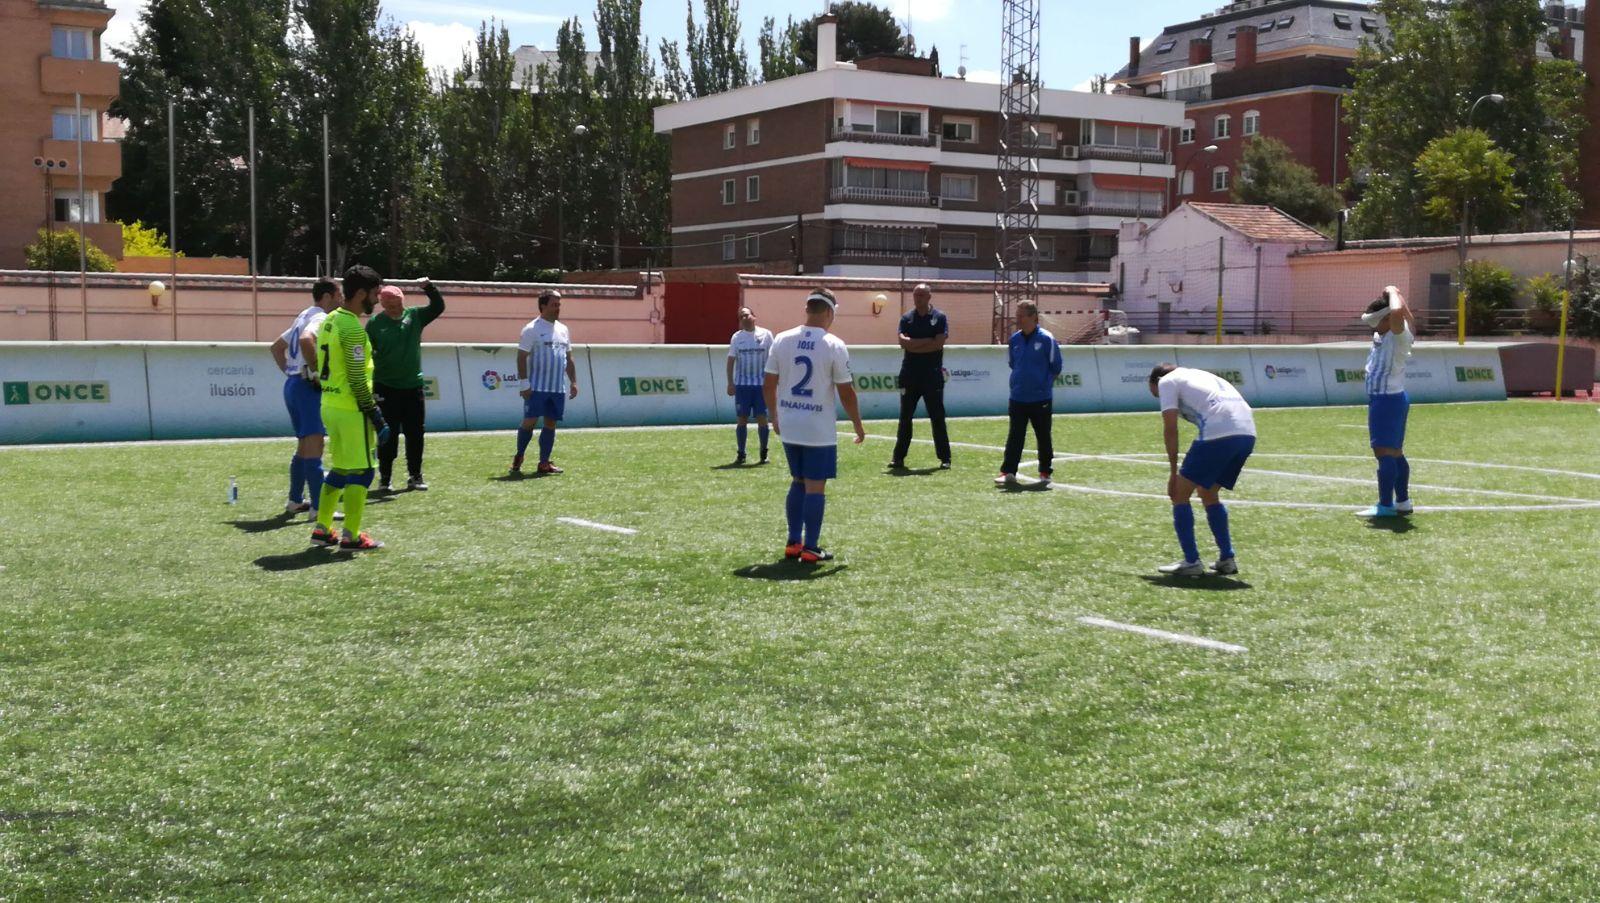 El ONCE Málaga en el calentamiento. Fuente: AD